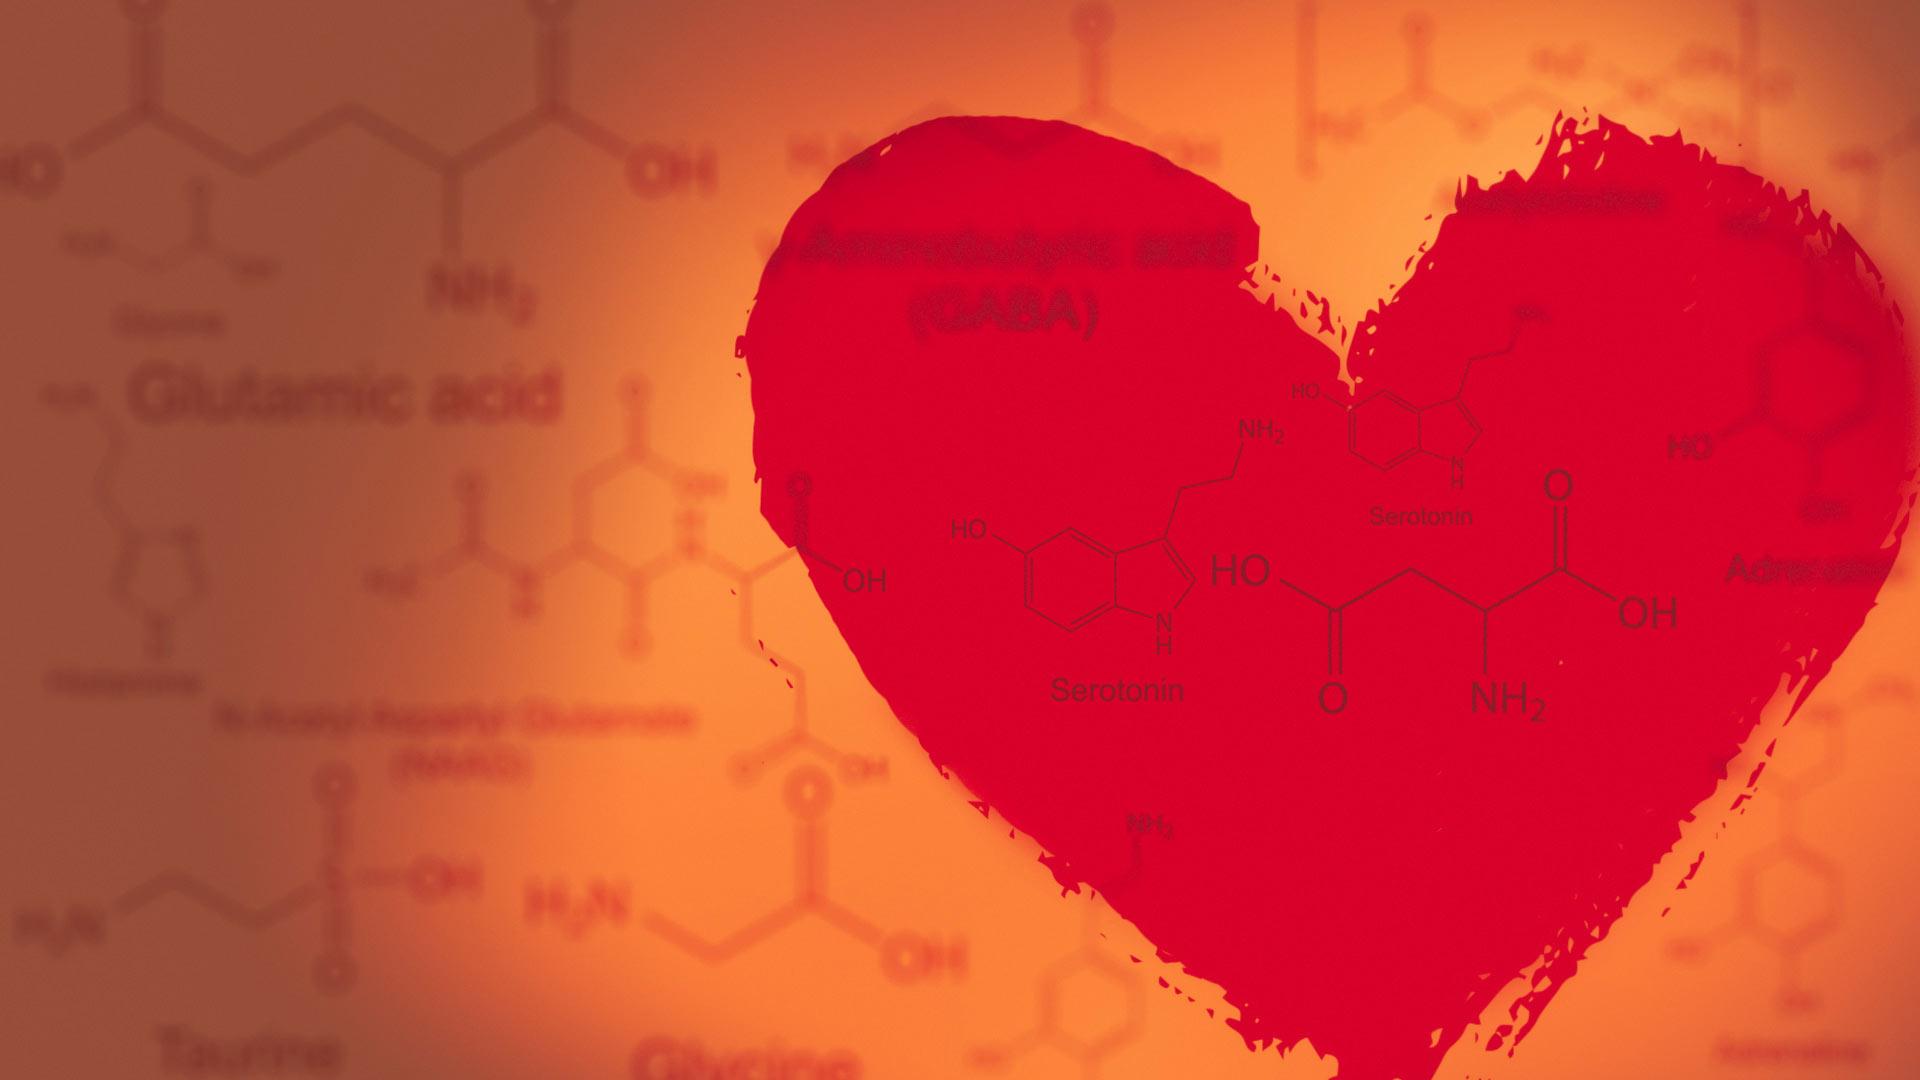 Descubre todo lo que hay detrás de la química en el amor